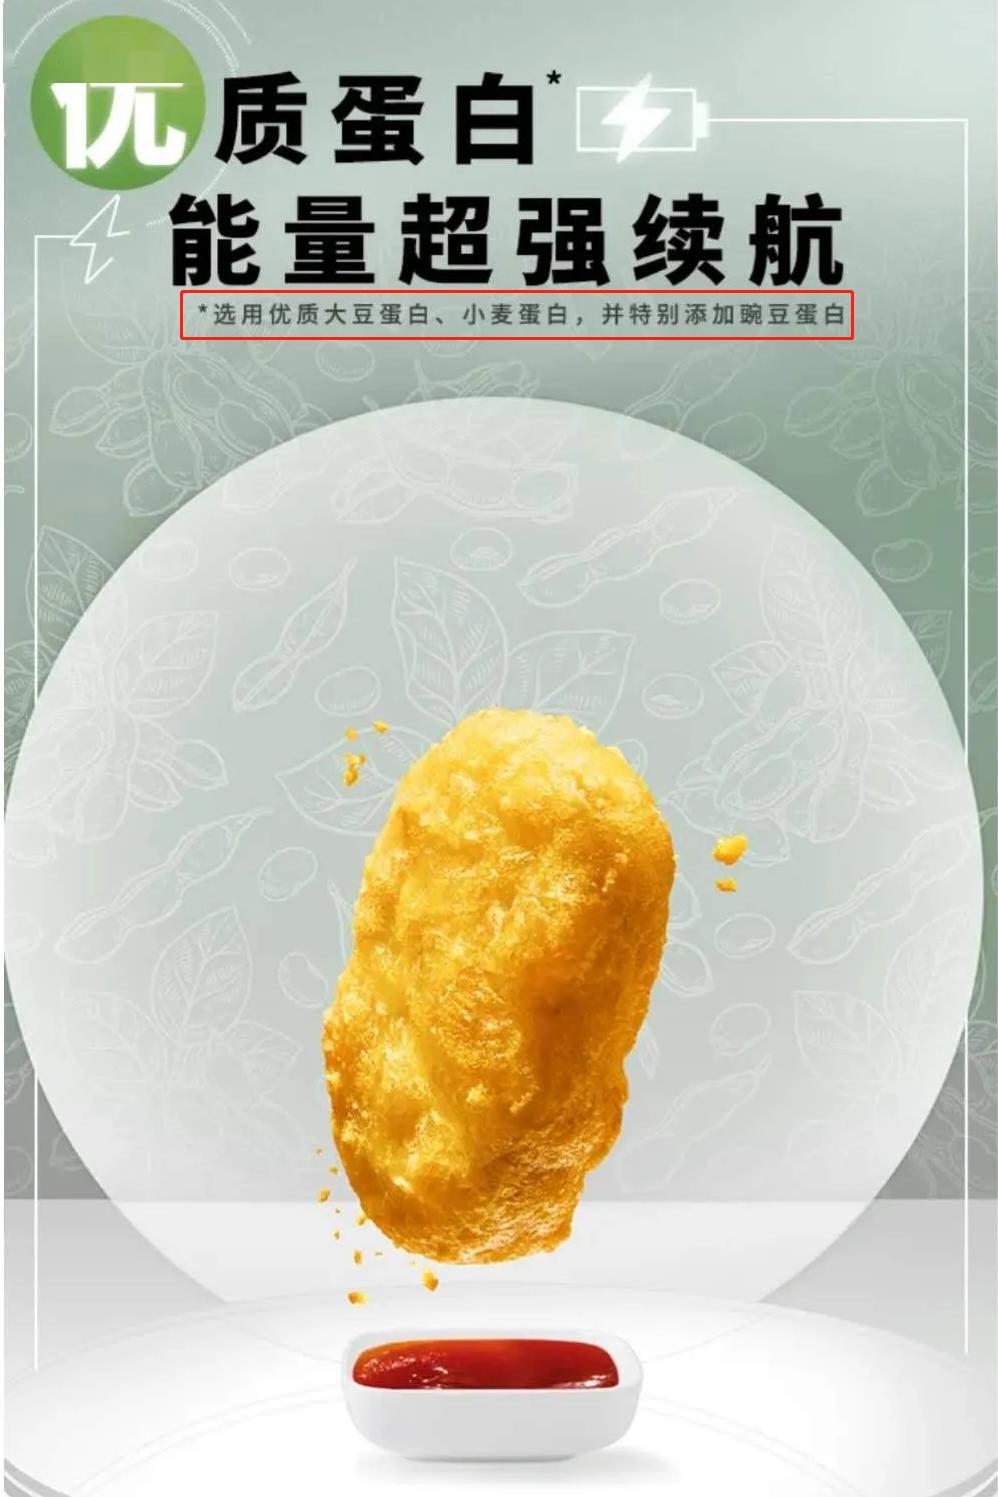 """不到2块钱的KFC""""合成鸡块""""被疯抢!它到底是用什么做的?"""